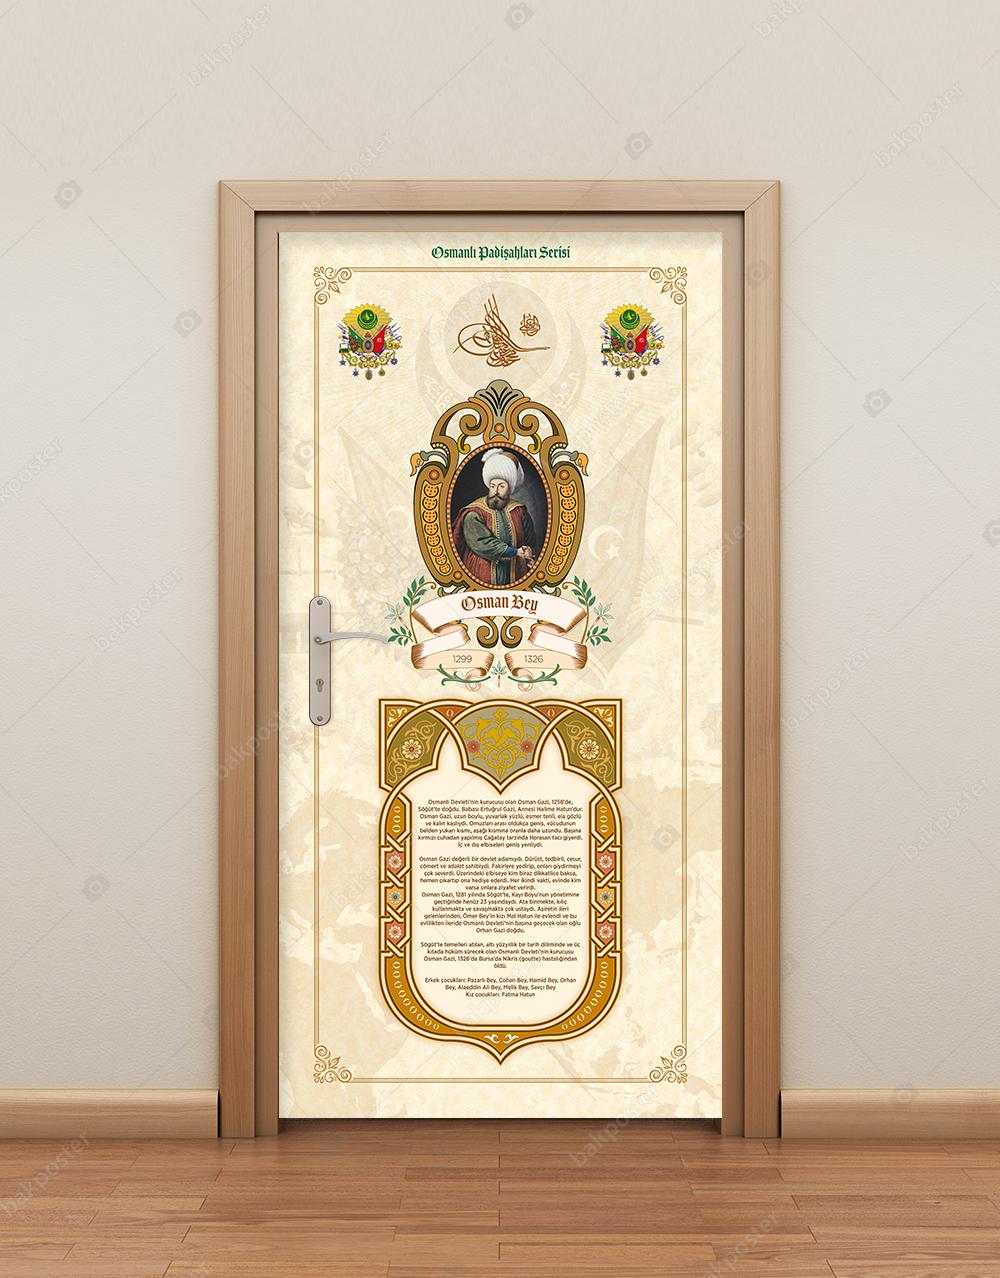 Osmanlı Padişahları Osman Bey Kapı Giydirme